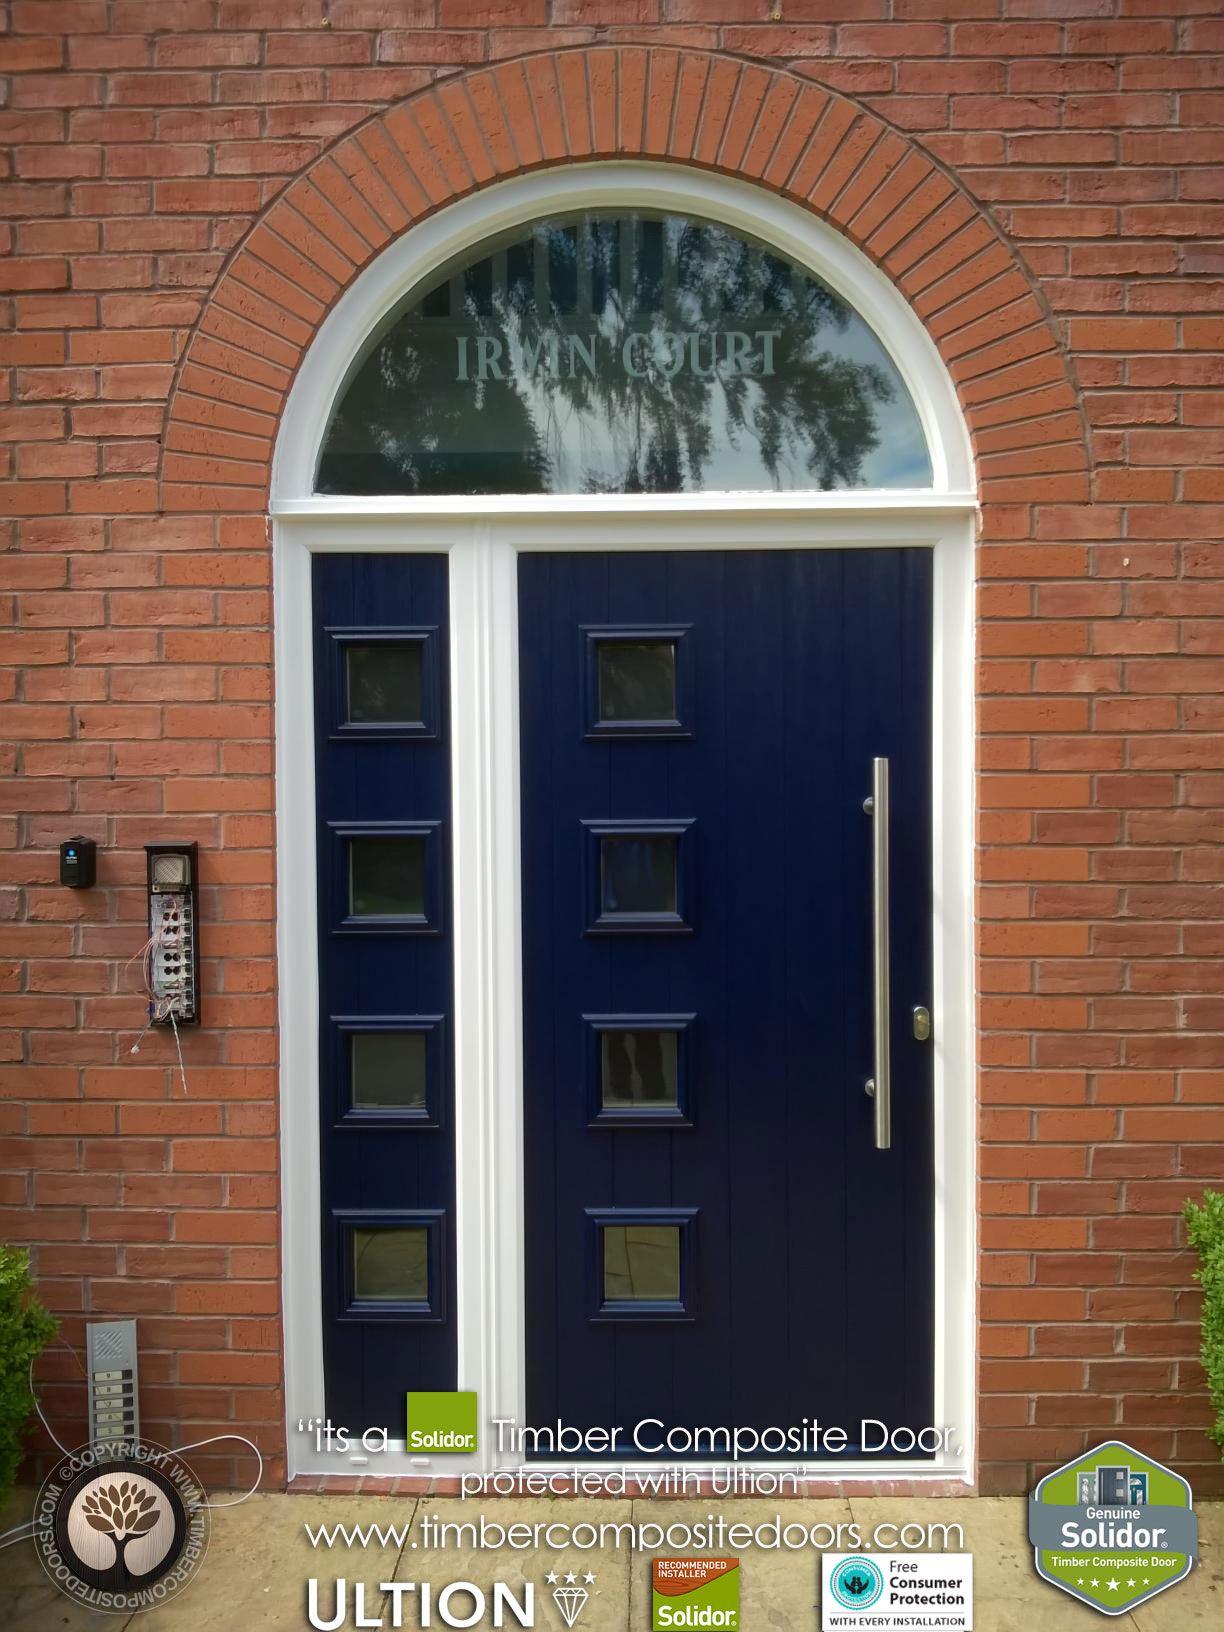 Blue-Milano-Solidor-Timber-Composite-Door